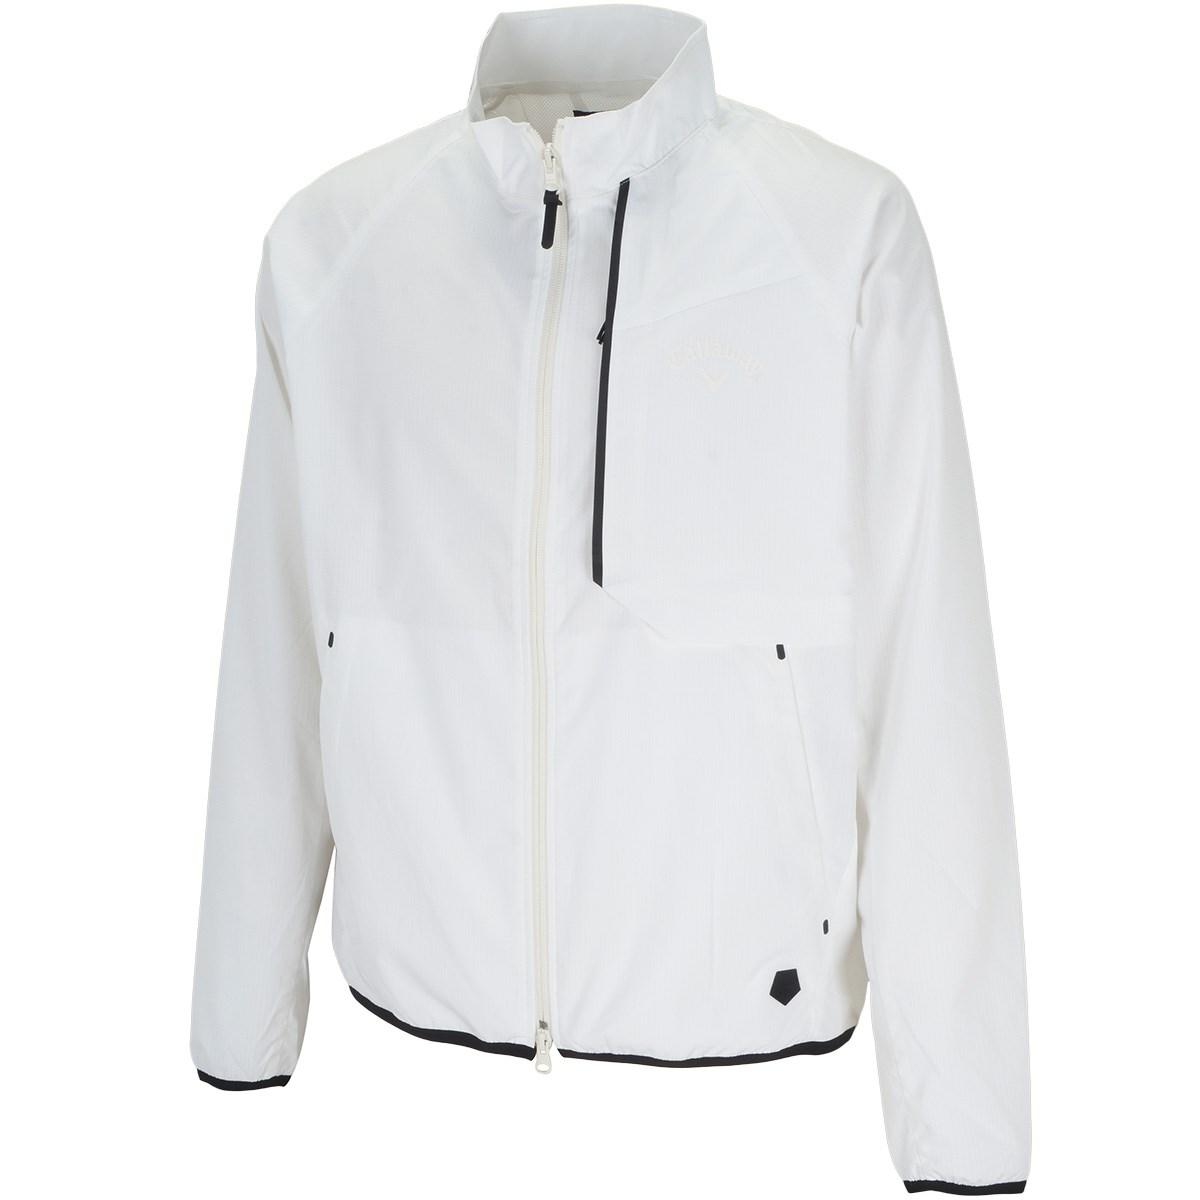 キャロウェイゴルフ Callaway Golf レギュラーシルエットランダムドットエア―ブルゾン LL ホワイト 030